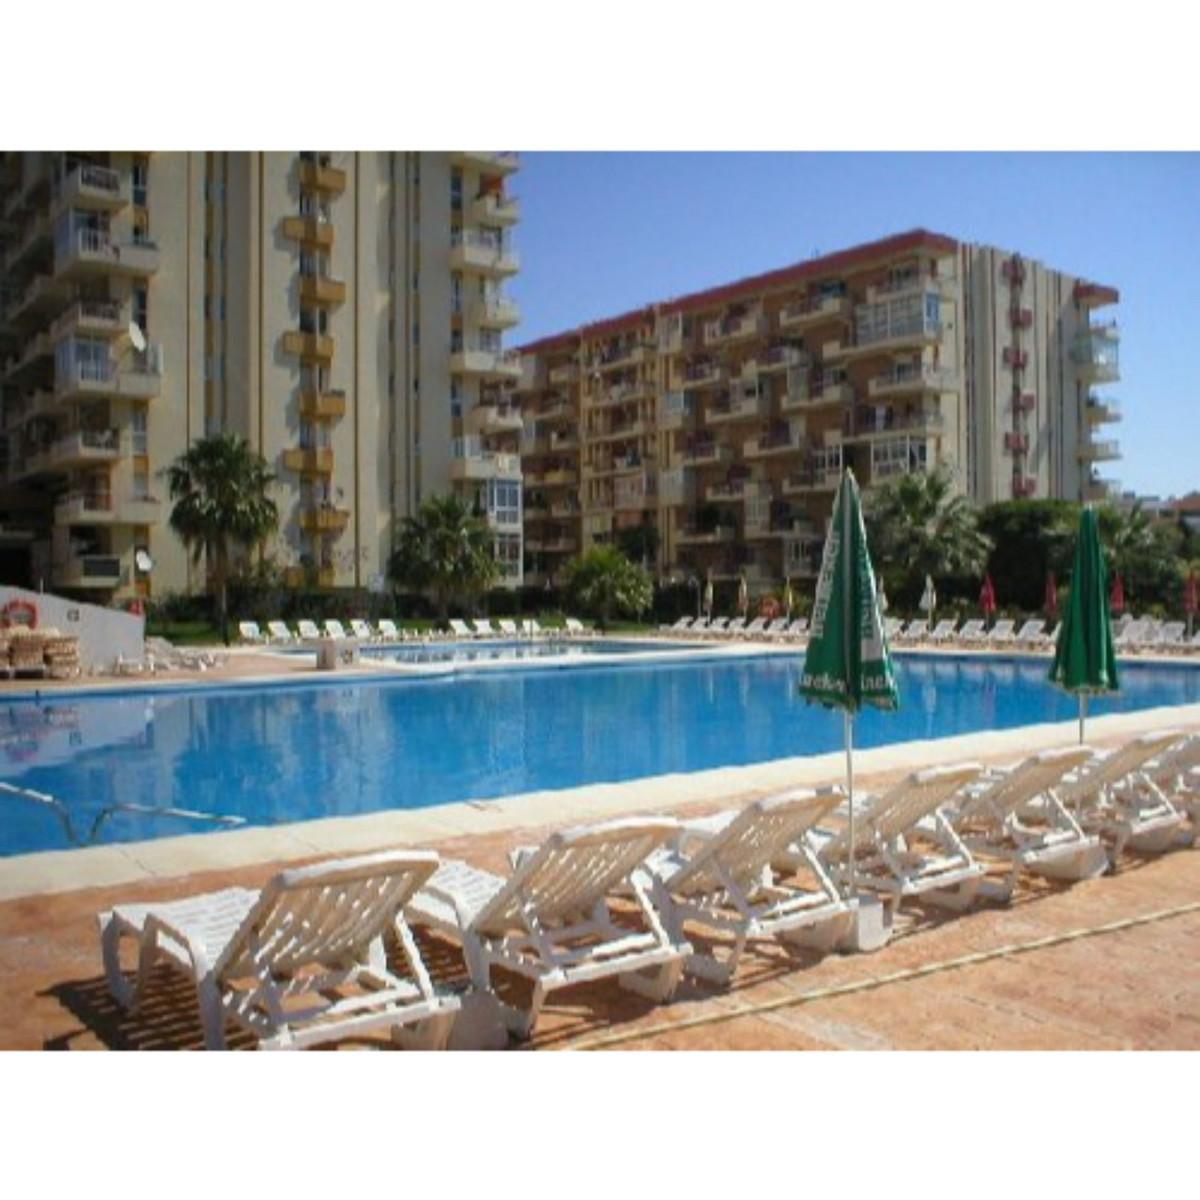 1 Bedroom Middle Floor Studio For Sale Benalmadena Costa, Costa del Sol - HP3615827